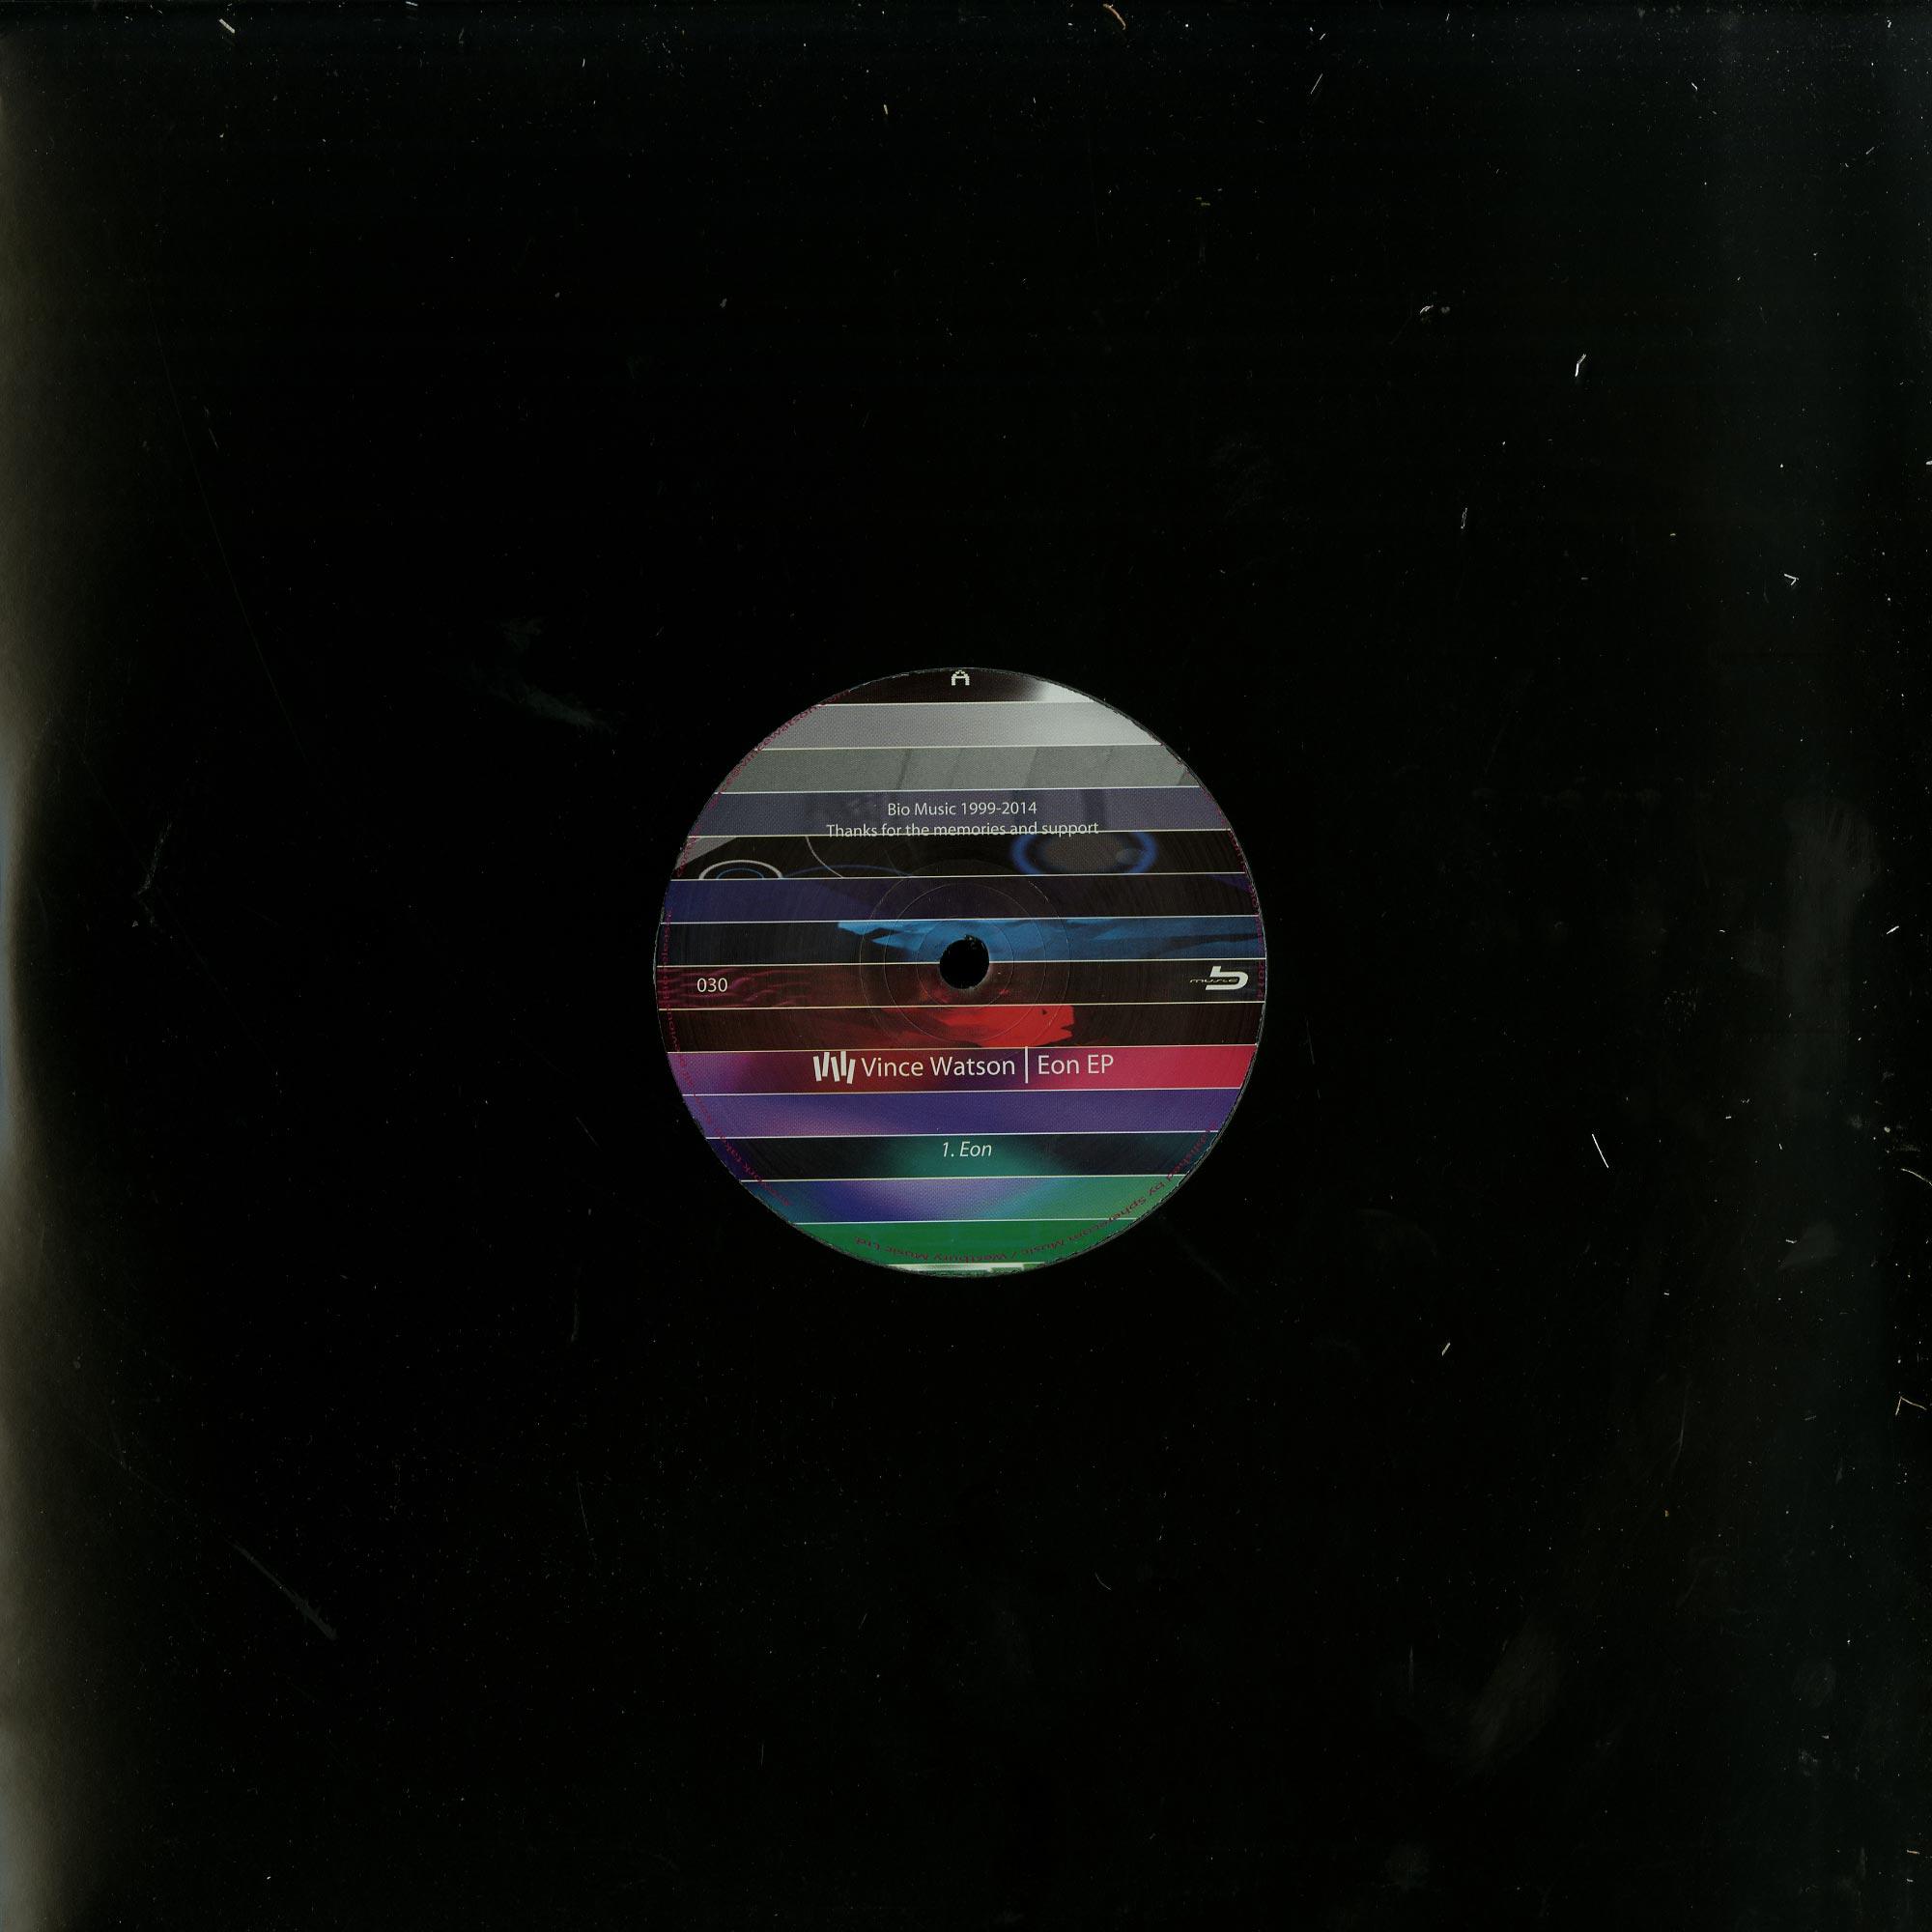 Vince Watson - EON EP